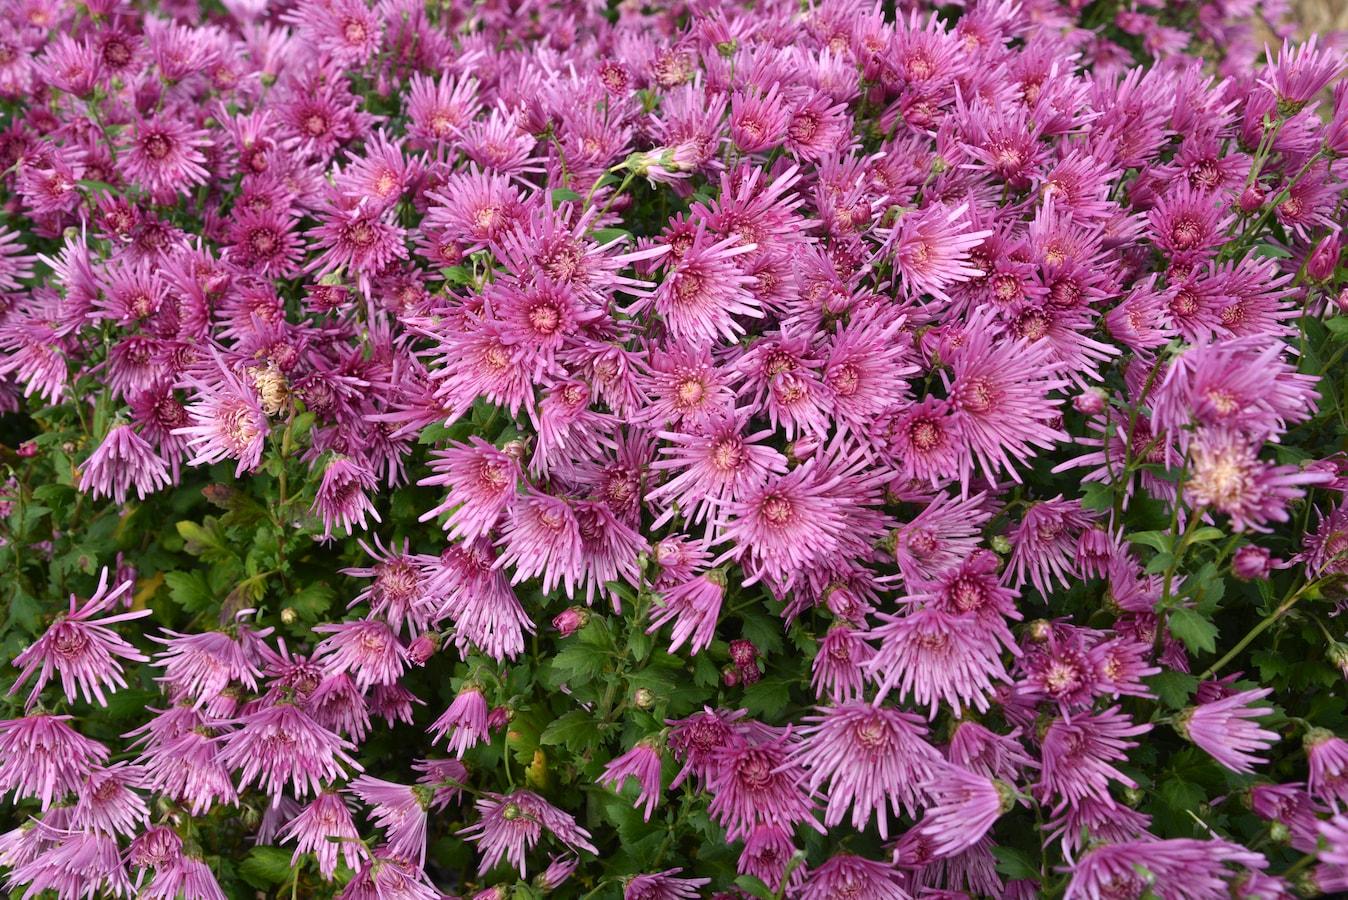 から 咲く まで 花 秋 春 暑さに強く、ずっと花が咲き続ける夏のイチオシ一年草10種